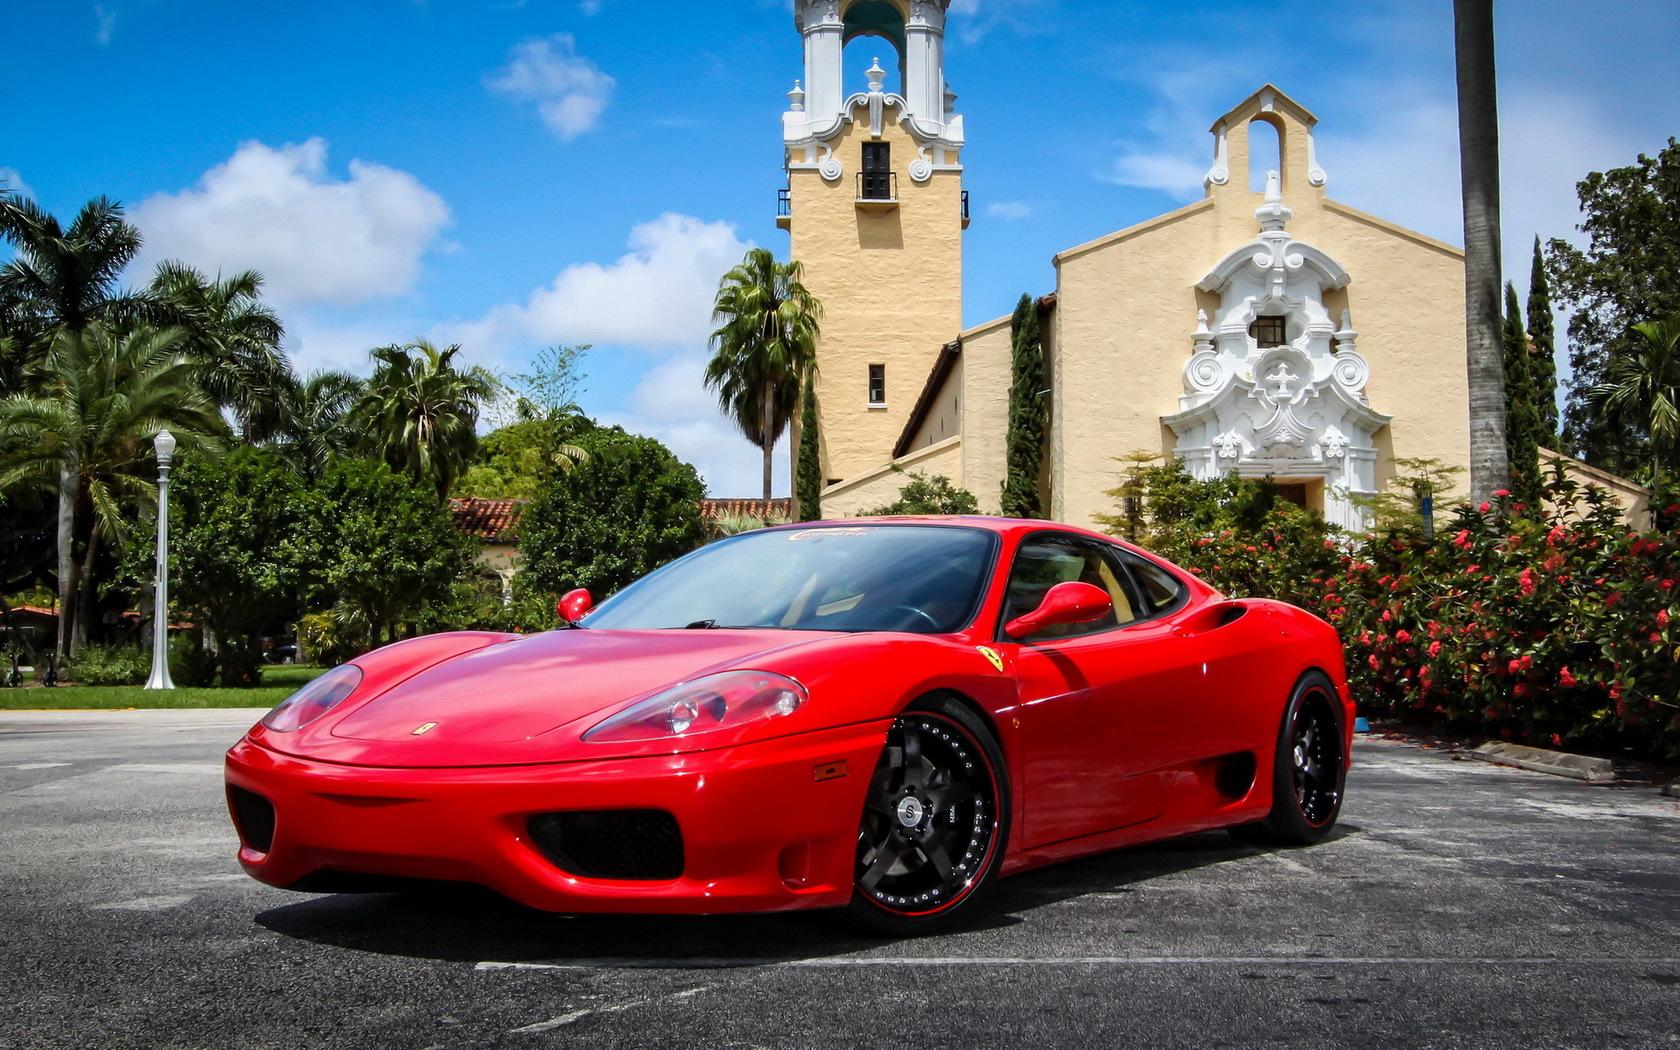 21 Ferrari 360 Modena HD Wallpapers | Backgrounds - Wallpaper Abyss